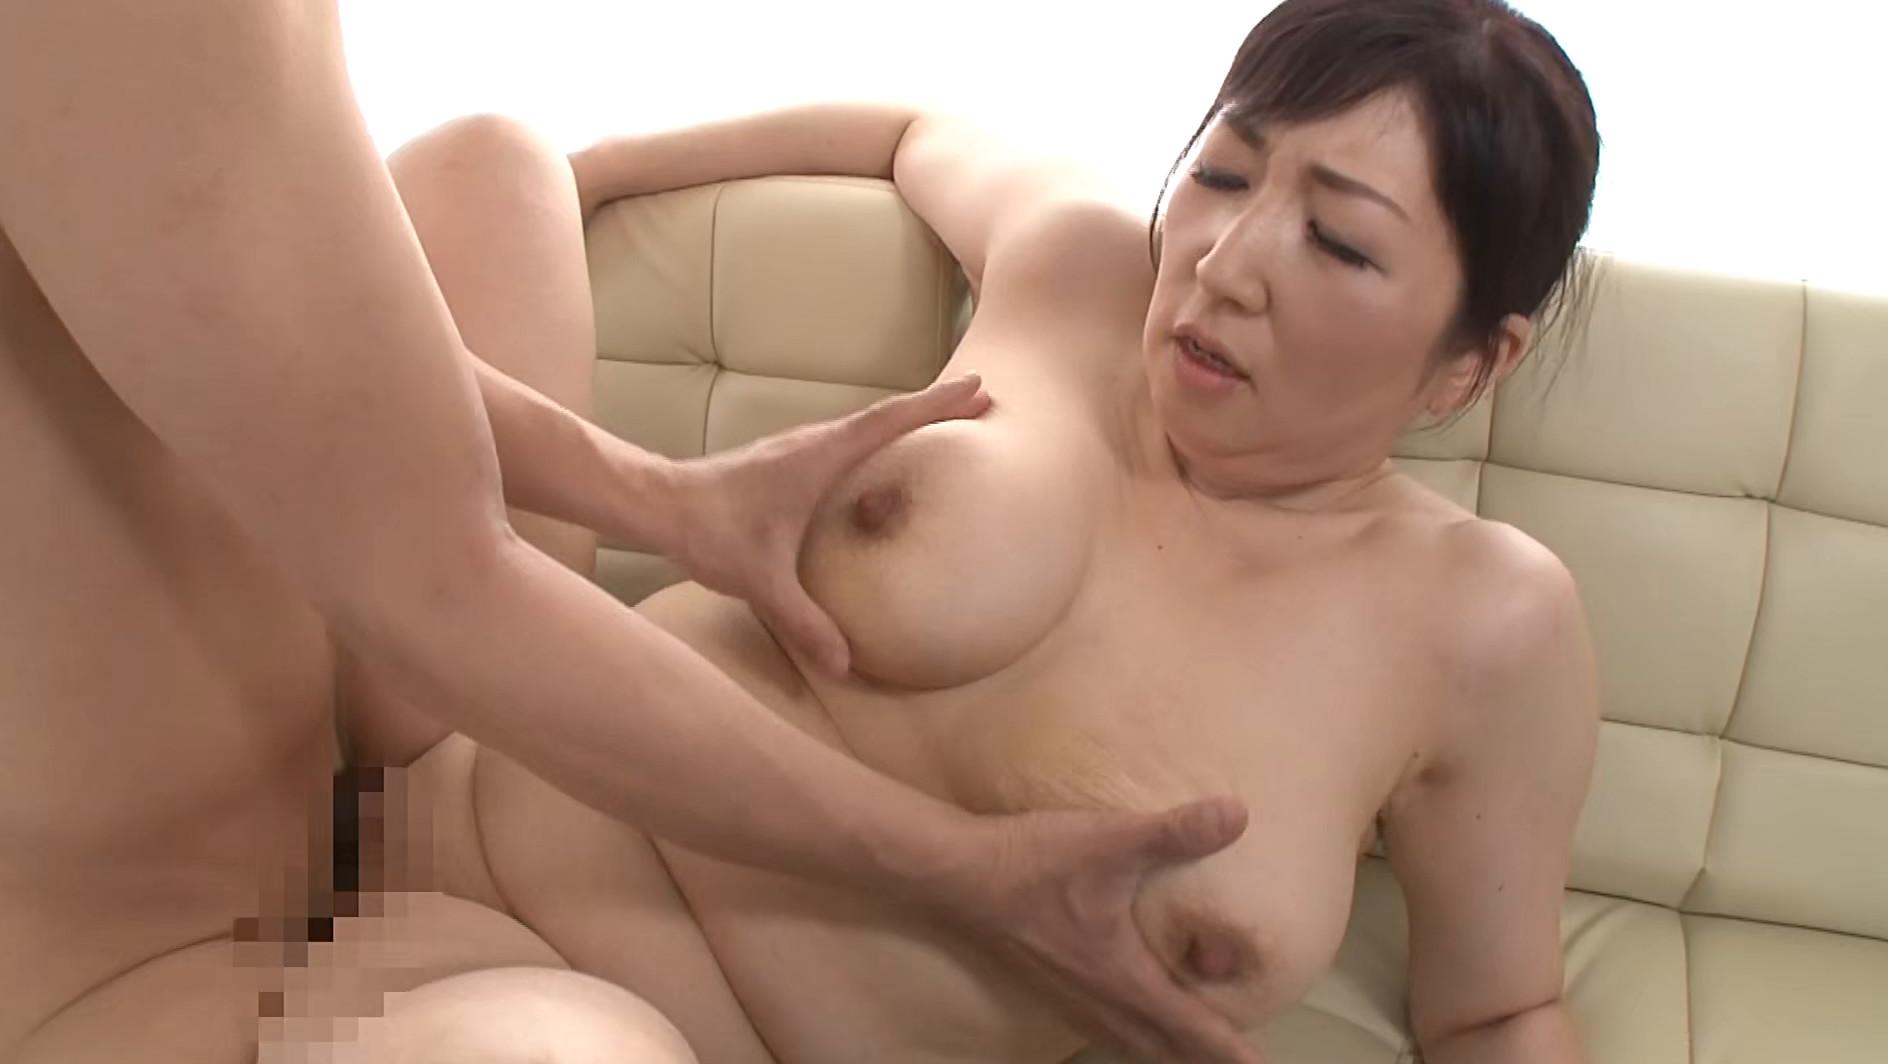 濡れそぼる、母の乳房を、見ていたら。DX 10人4時間 画像10